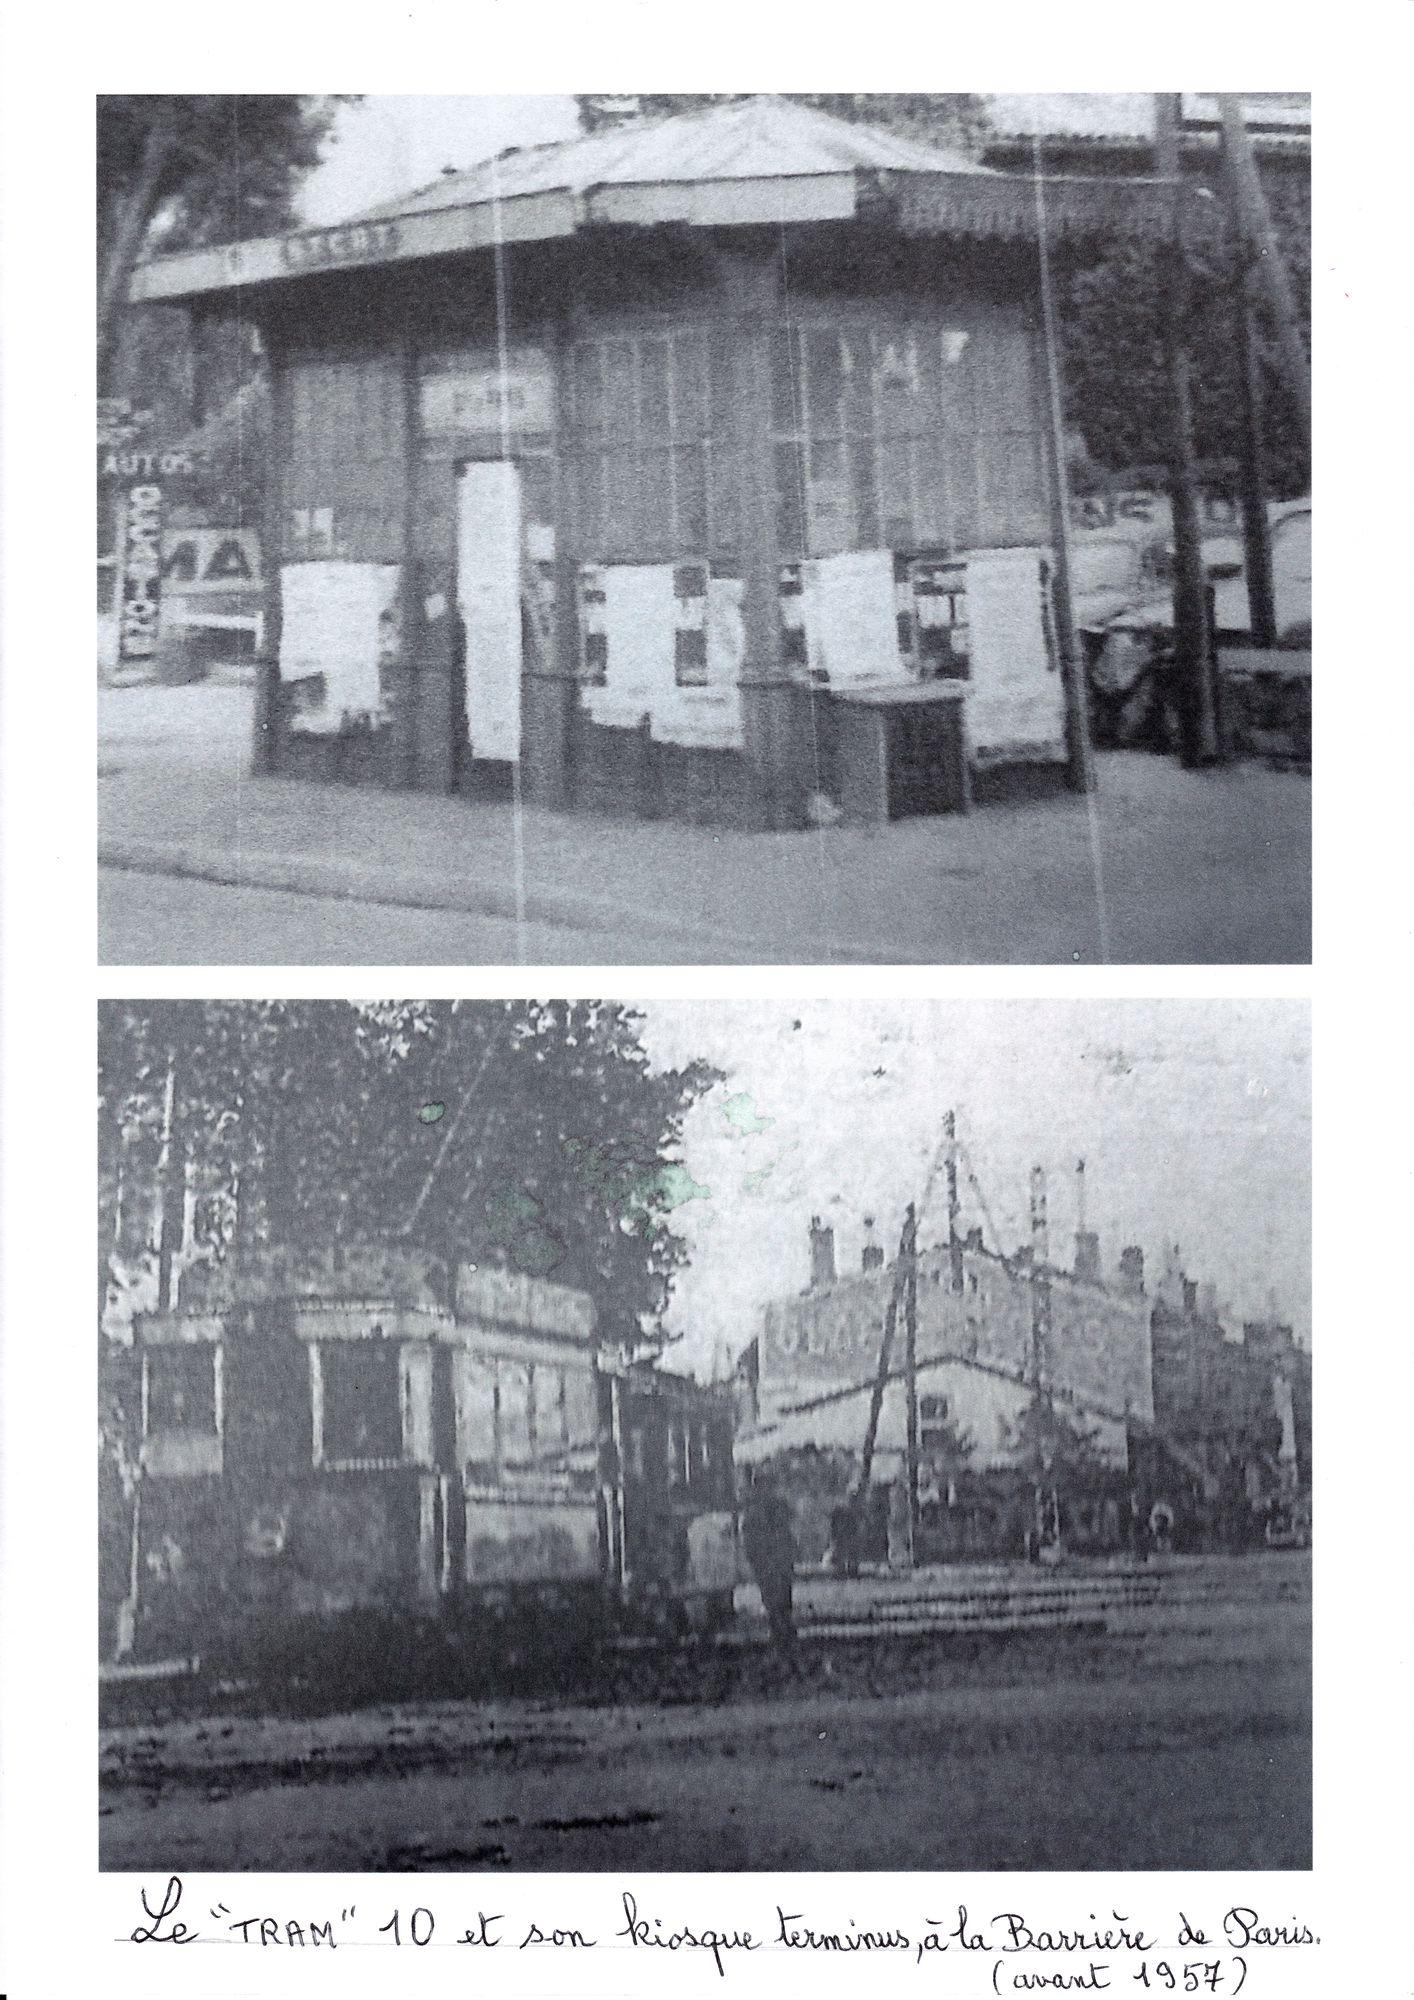 Tram 10 et son kiosque terminus Barrière de Paris_R2